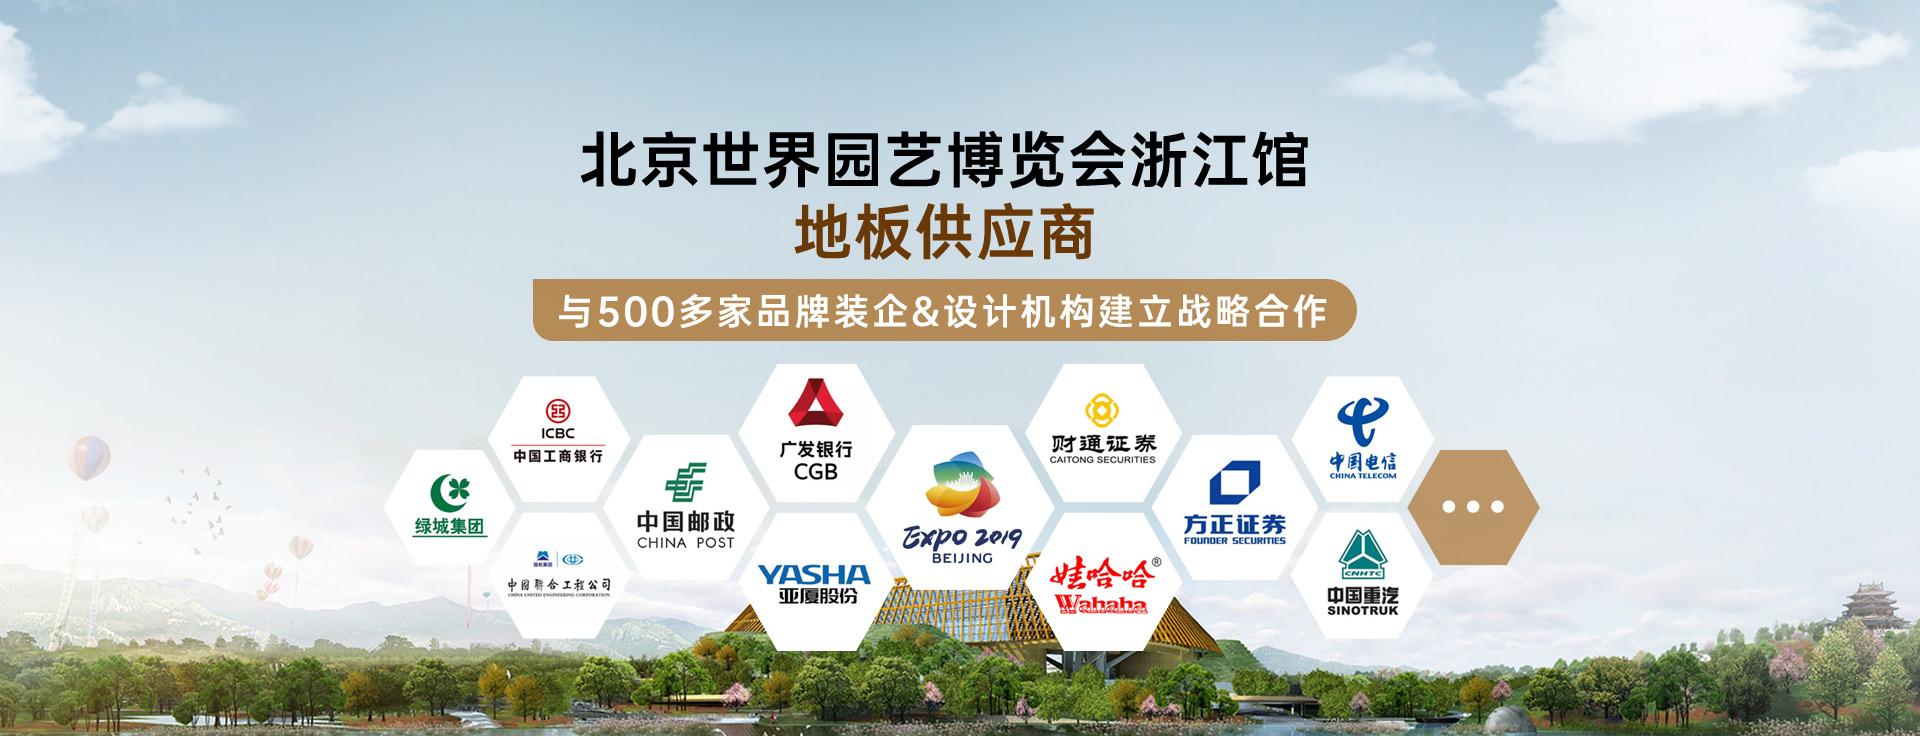 欧林如海-北京世界园艺博览会浙江馆地板供应商